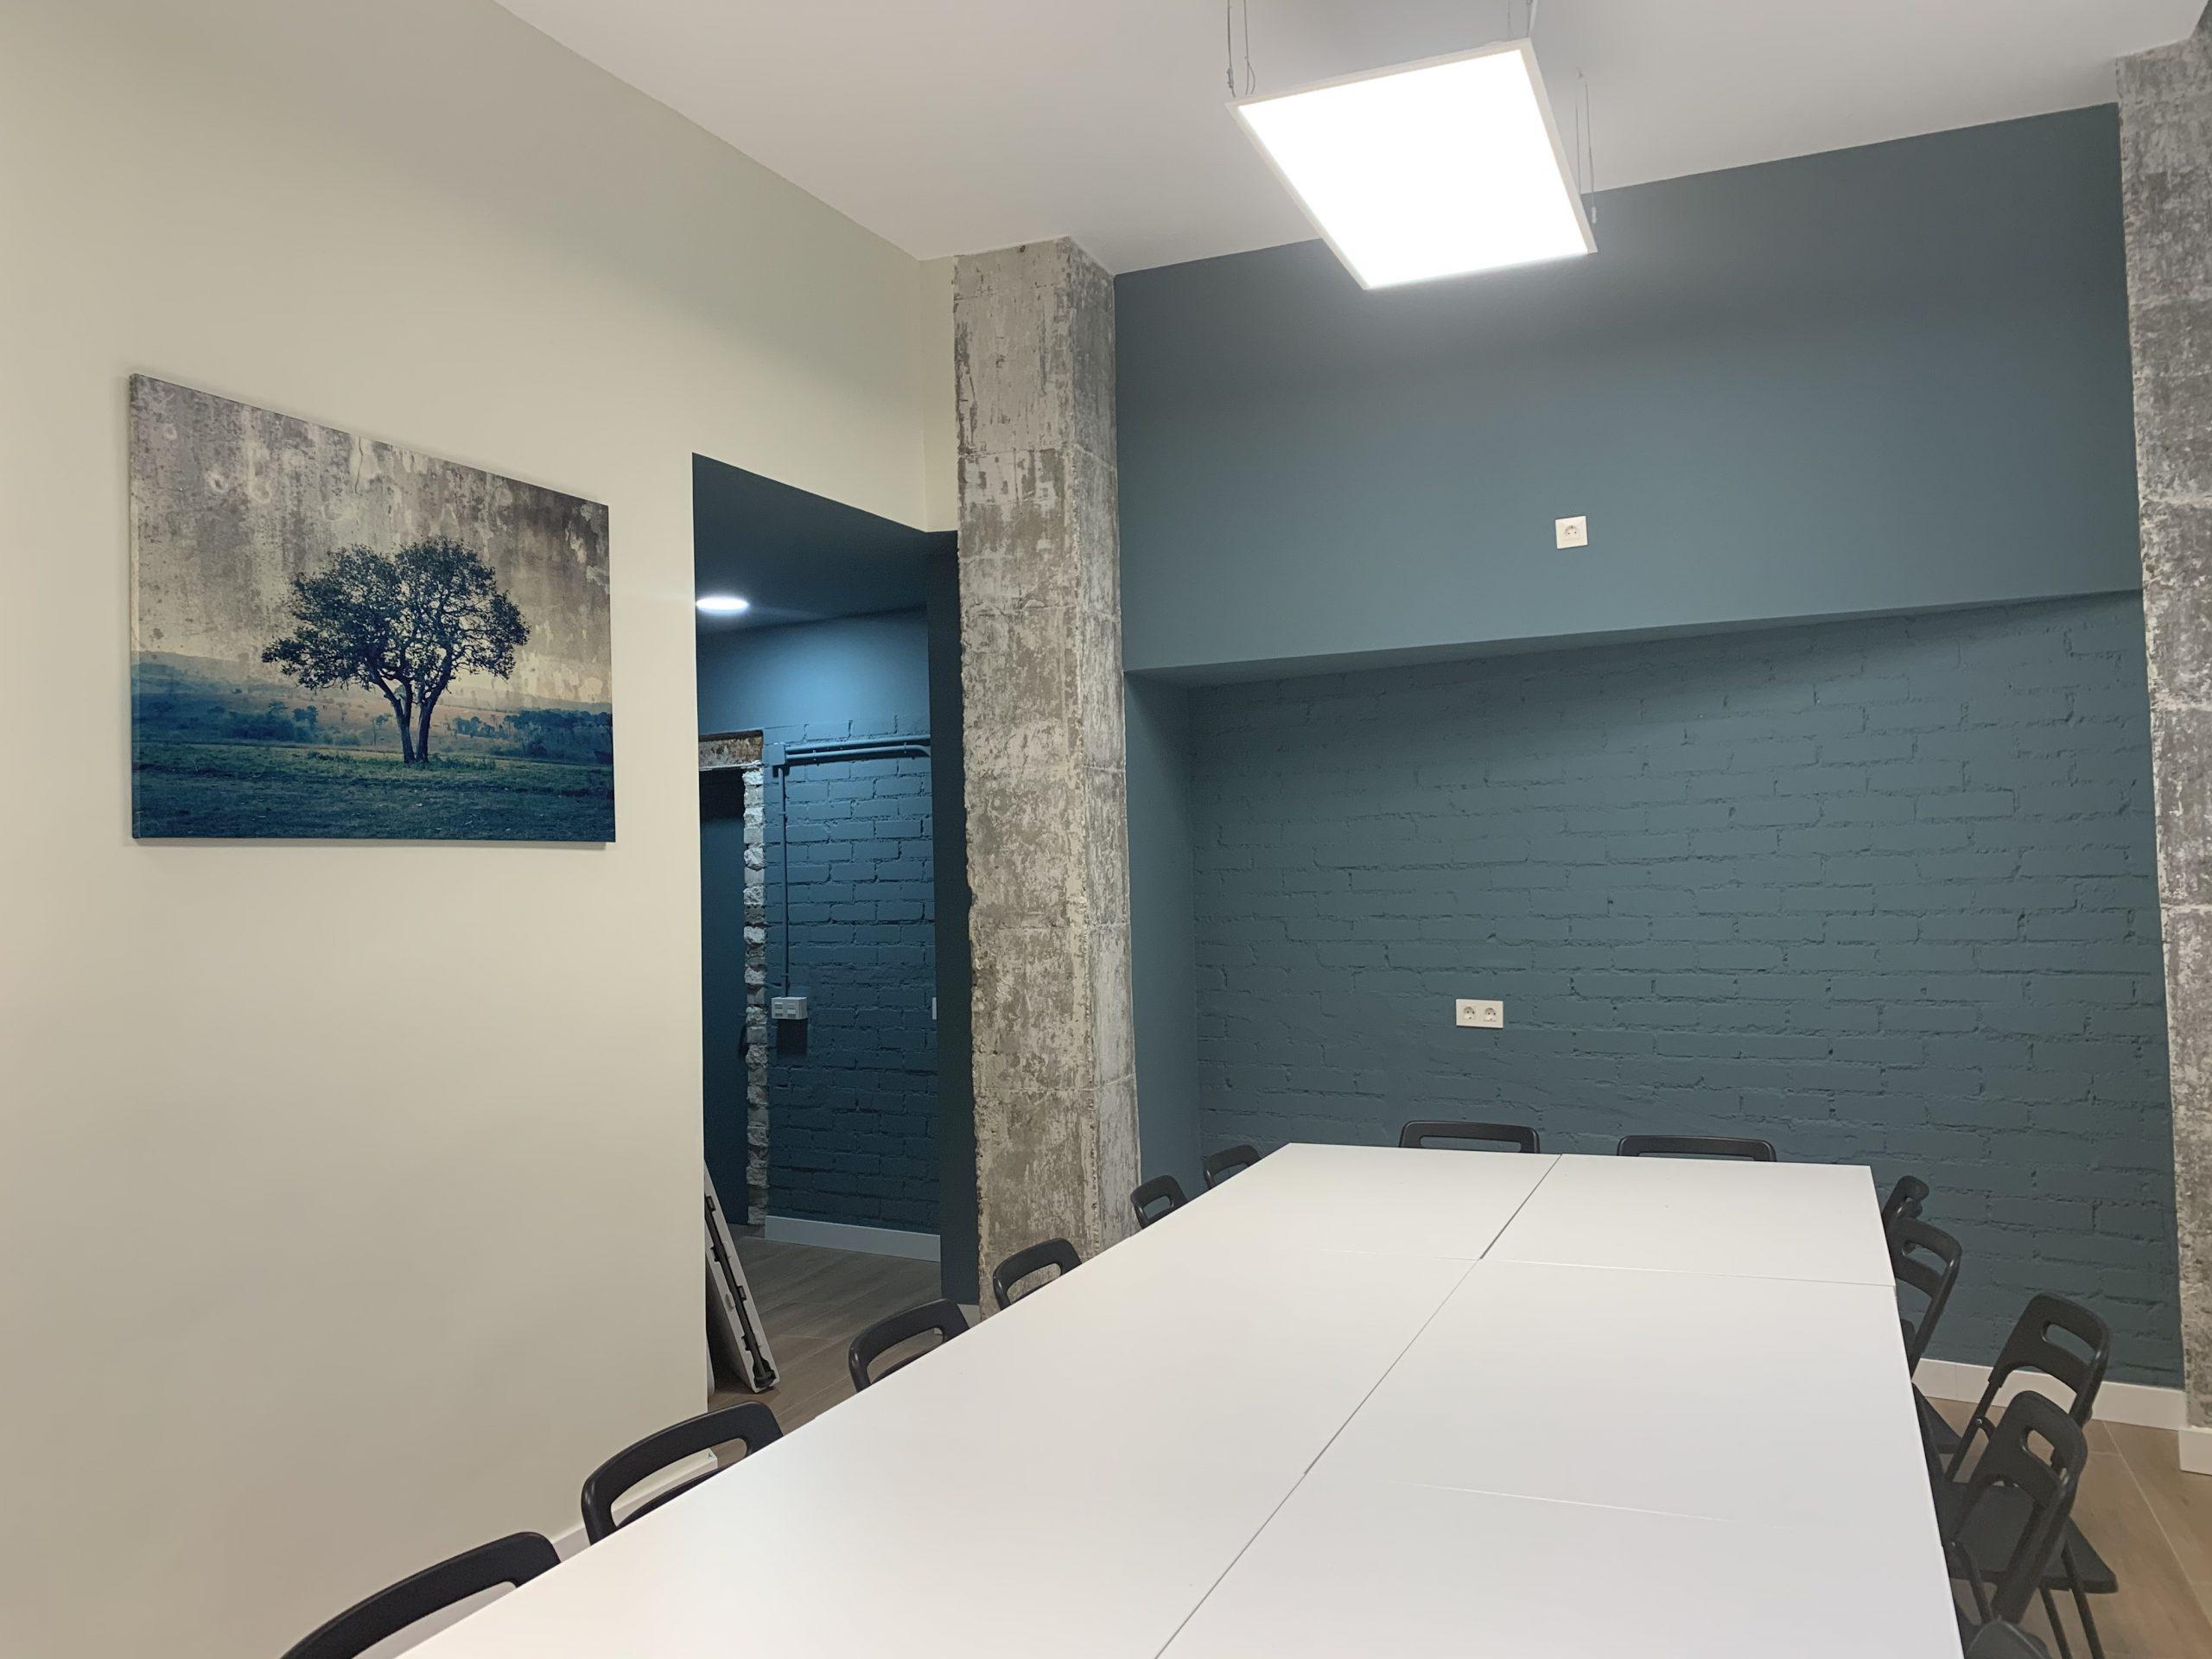 Sala de Trabajo - Alquiler de Espacios - Tempo Musical